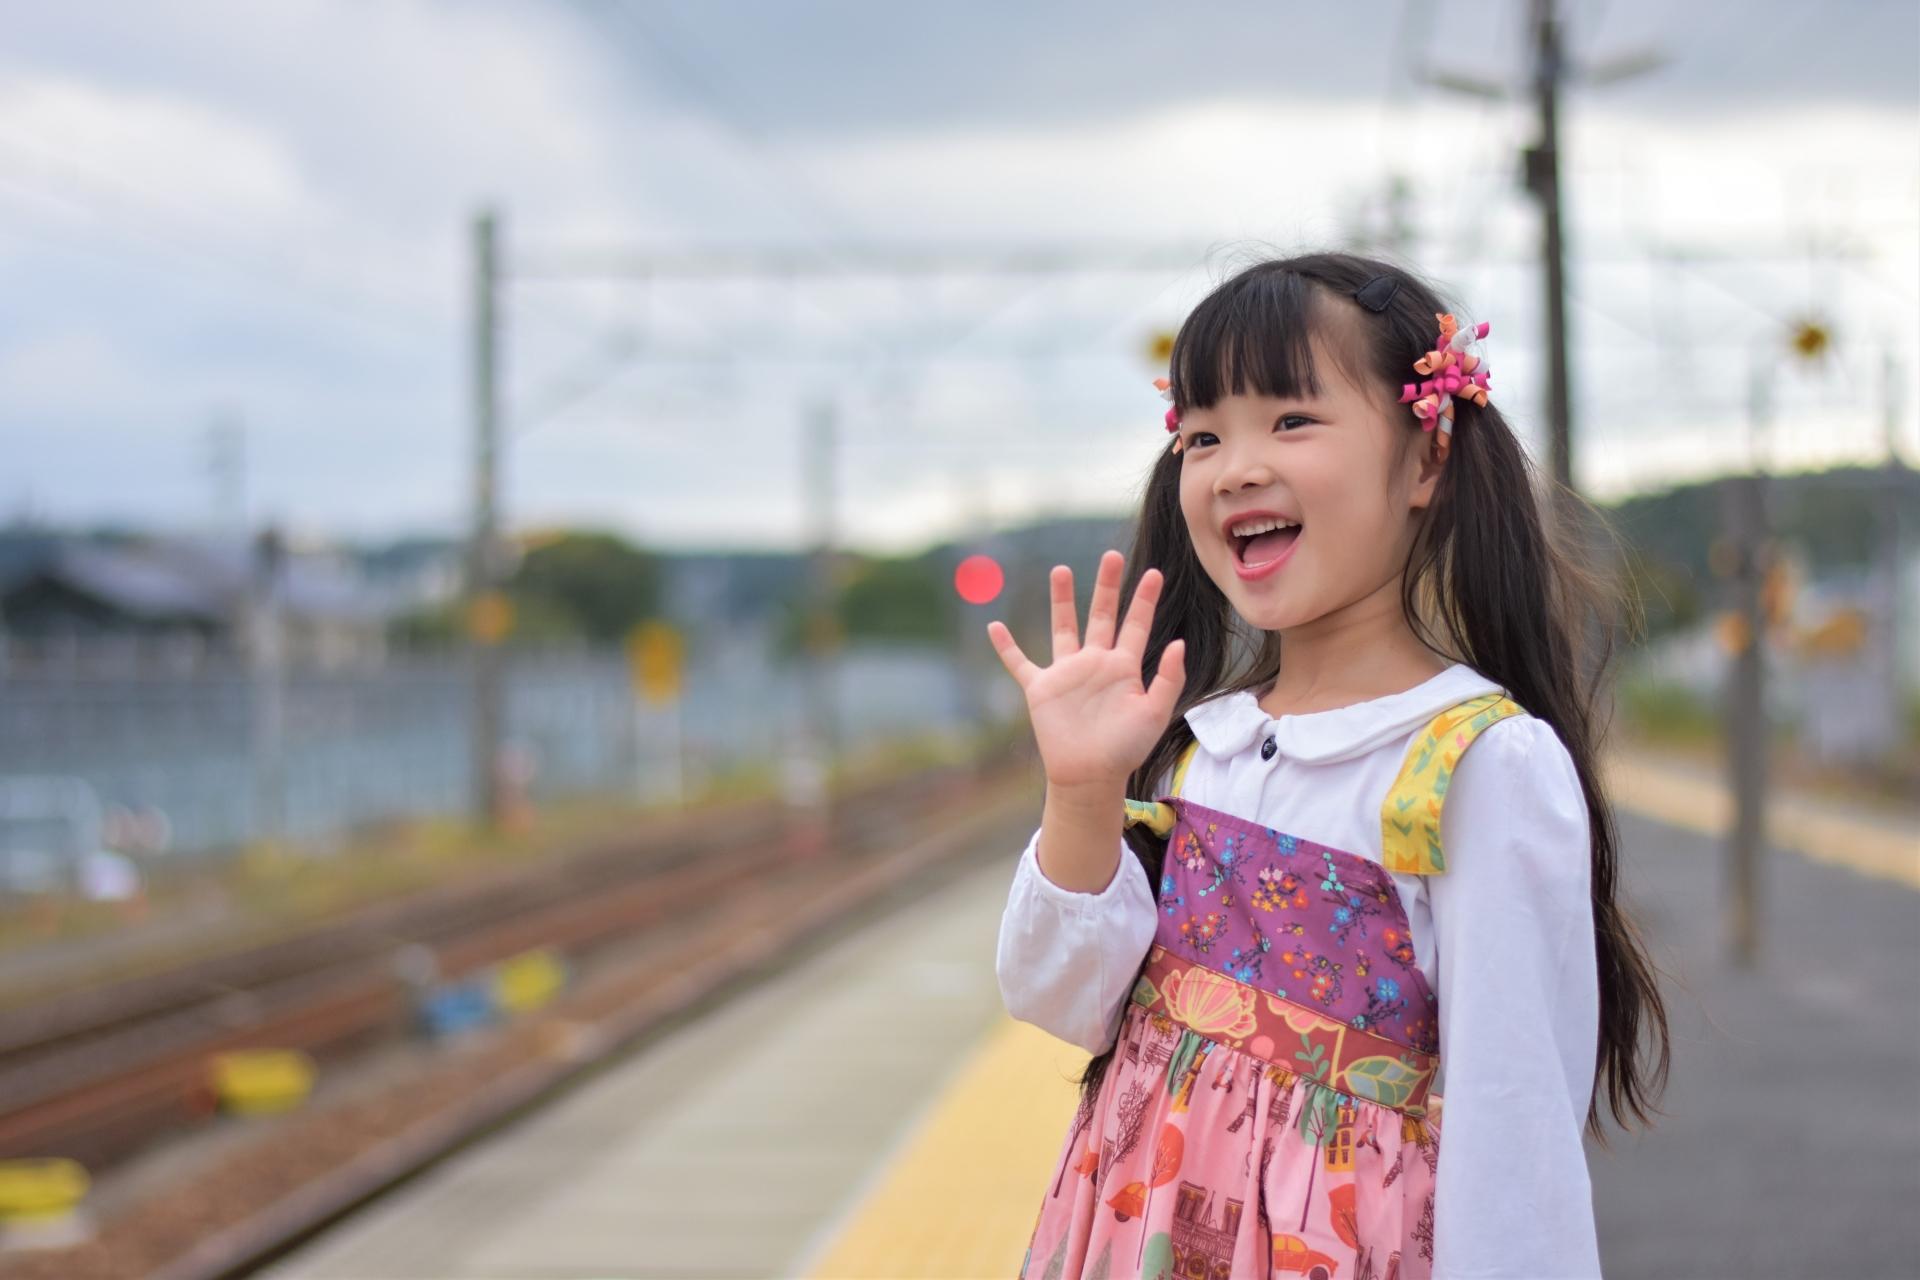 駅で手をふる女の子